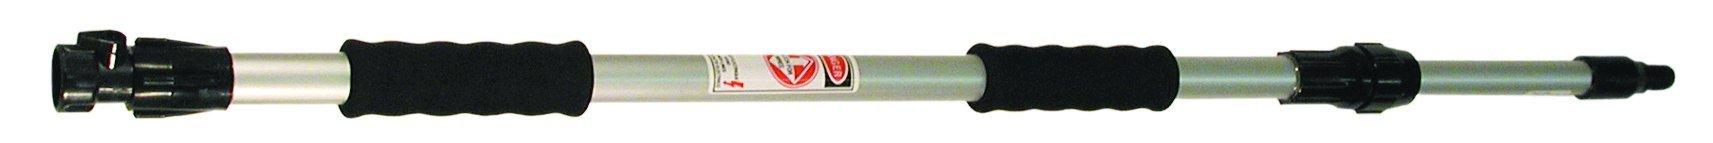 Magnolia Brush FEH-60 2 Piece Aluminum Flow-Thru Extension Handle, 1'' Diameter, 3' to 5' Extends (Case of 12)